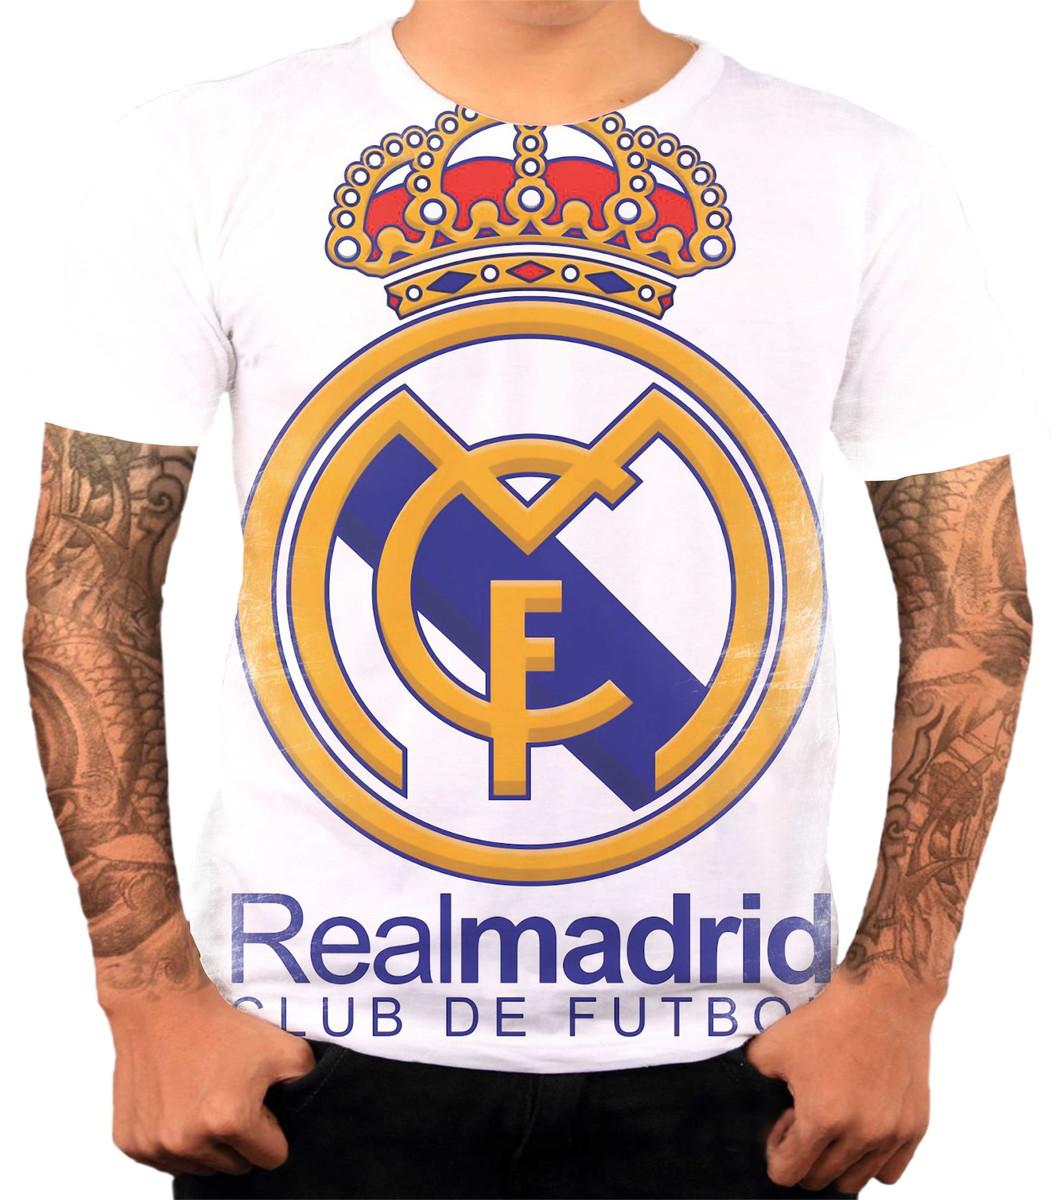 ba3815662be5e Camisa Camiseta Personalizada Time De Futebol Real Madrid 1 no Elo7 ...